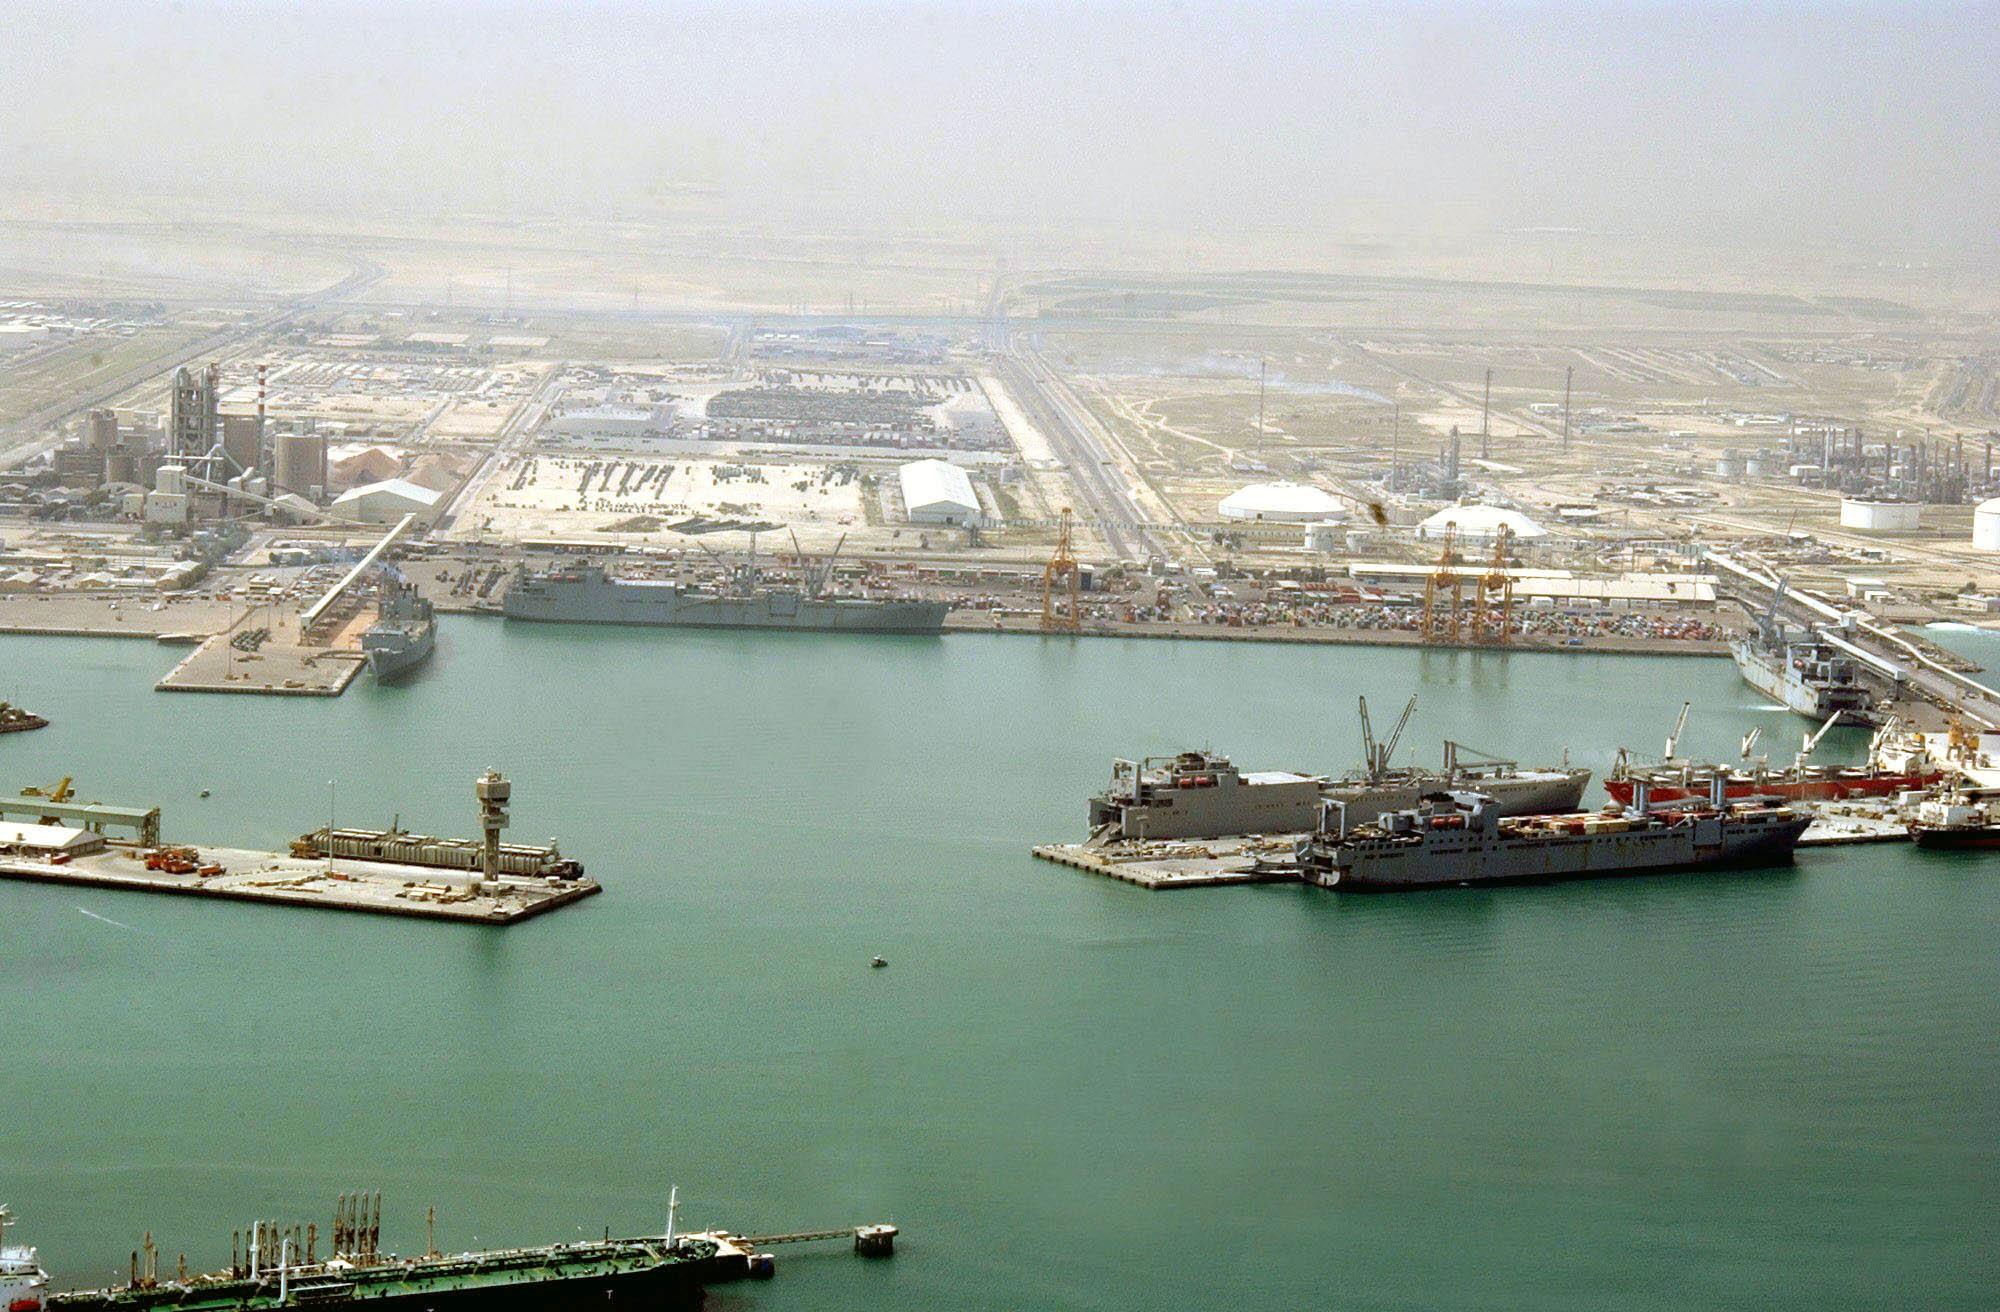 توقف حركة الملاحة البحرية في الموانئ لسوء الأحوال الجوية  مطر الكويت